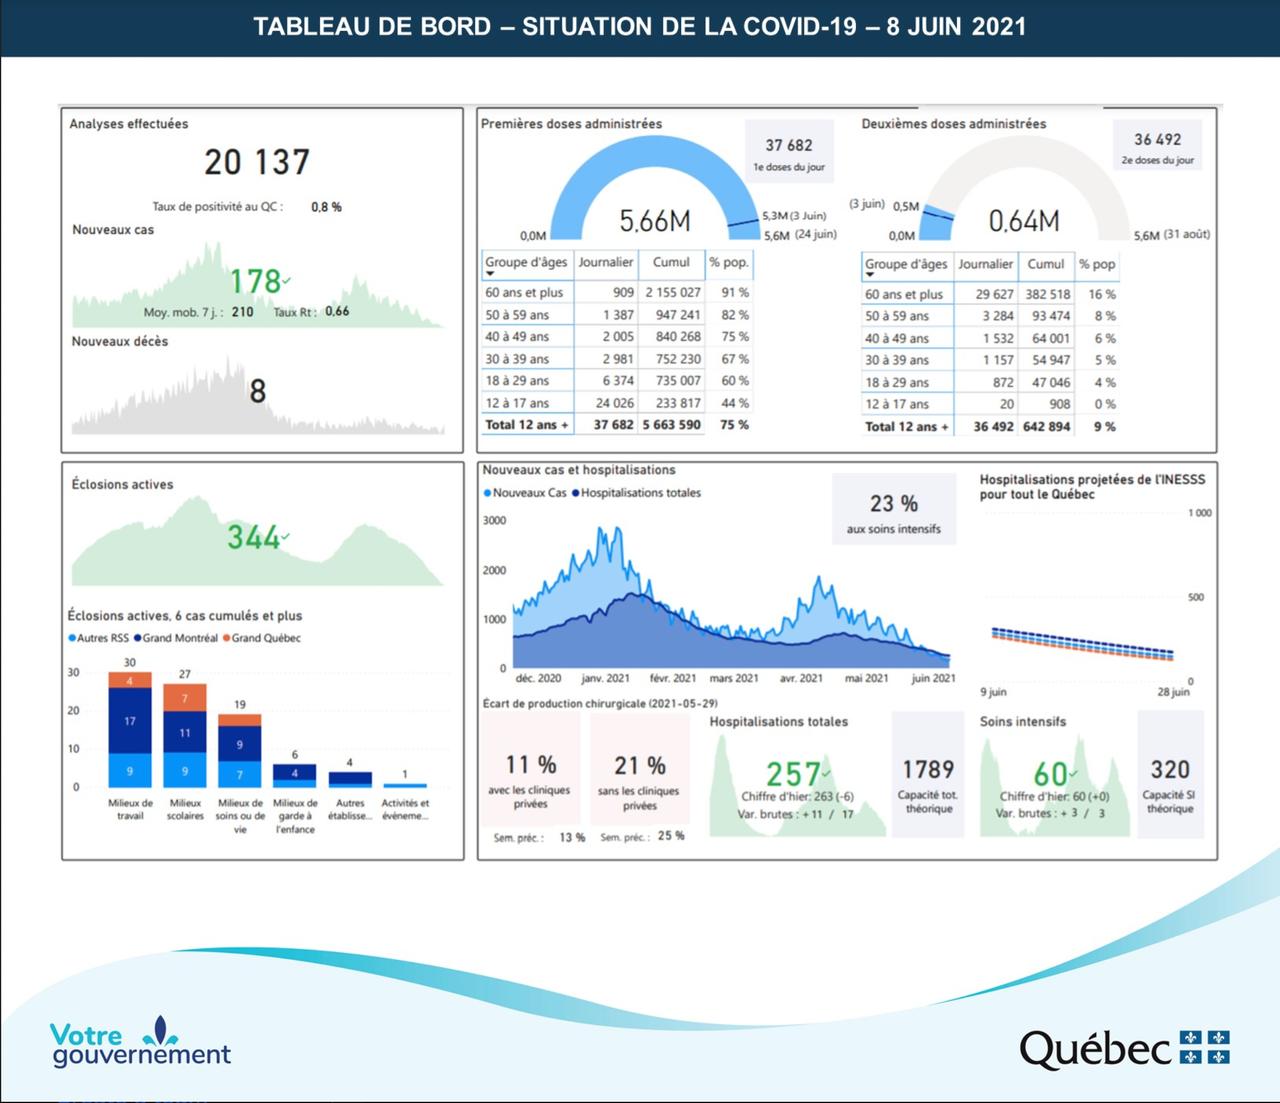 Tableau de bord des chiffres sur l'évolution de la Covid-19 et de sa vaccination au Québec au 8 juin 2021